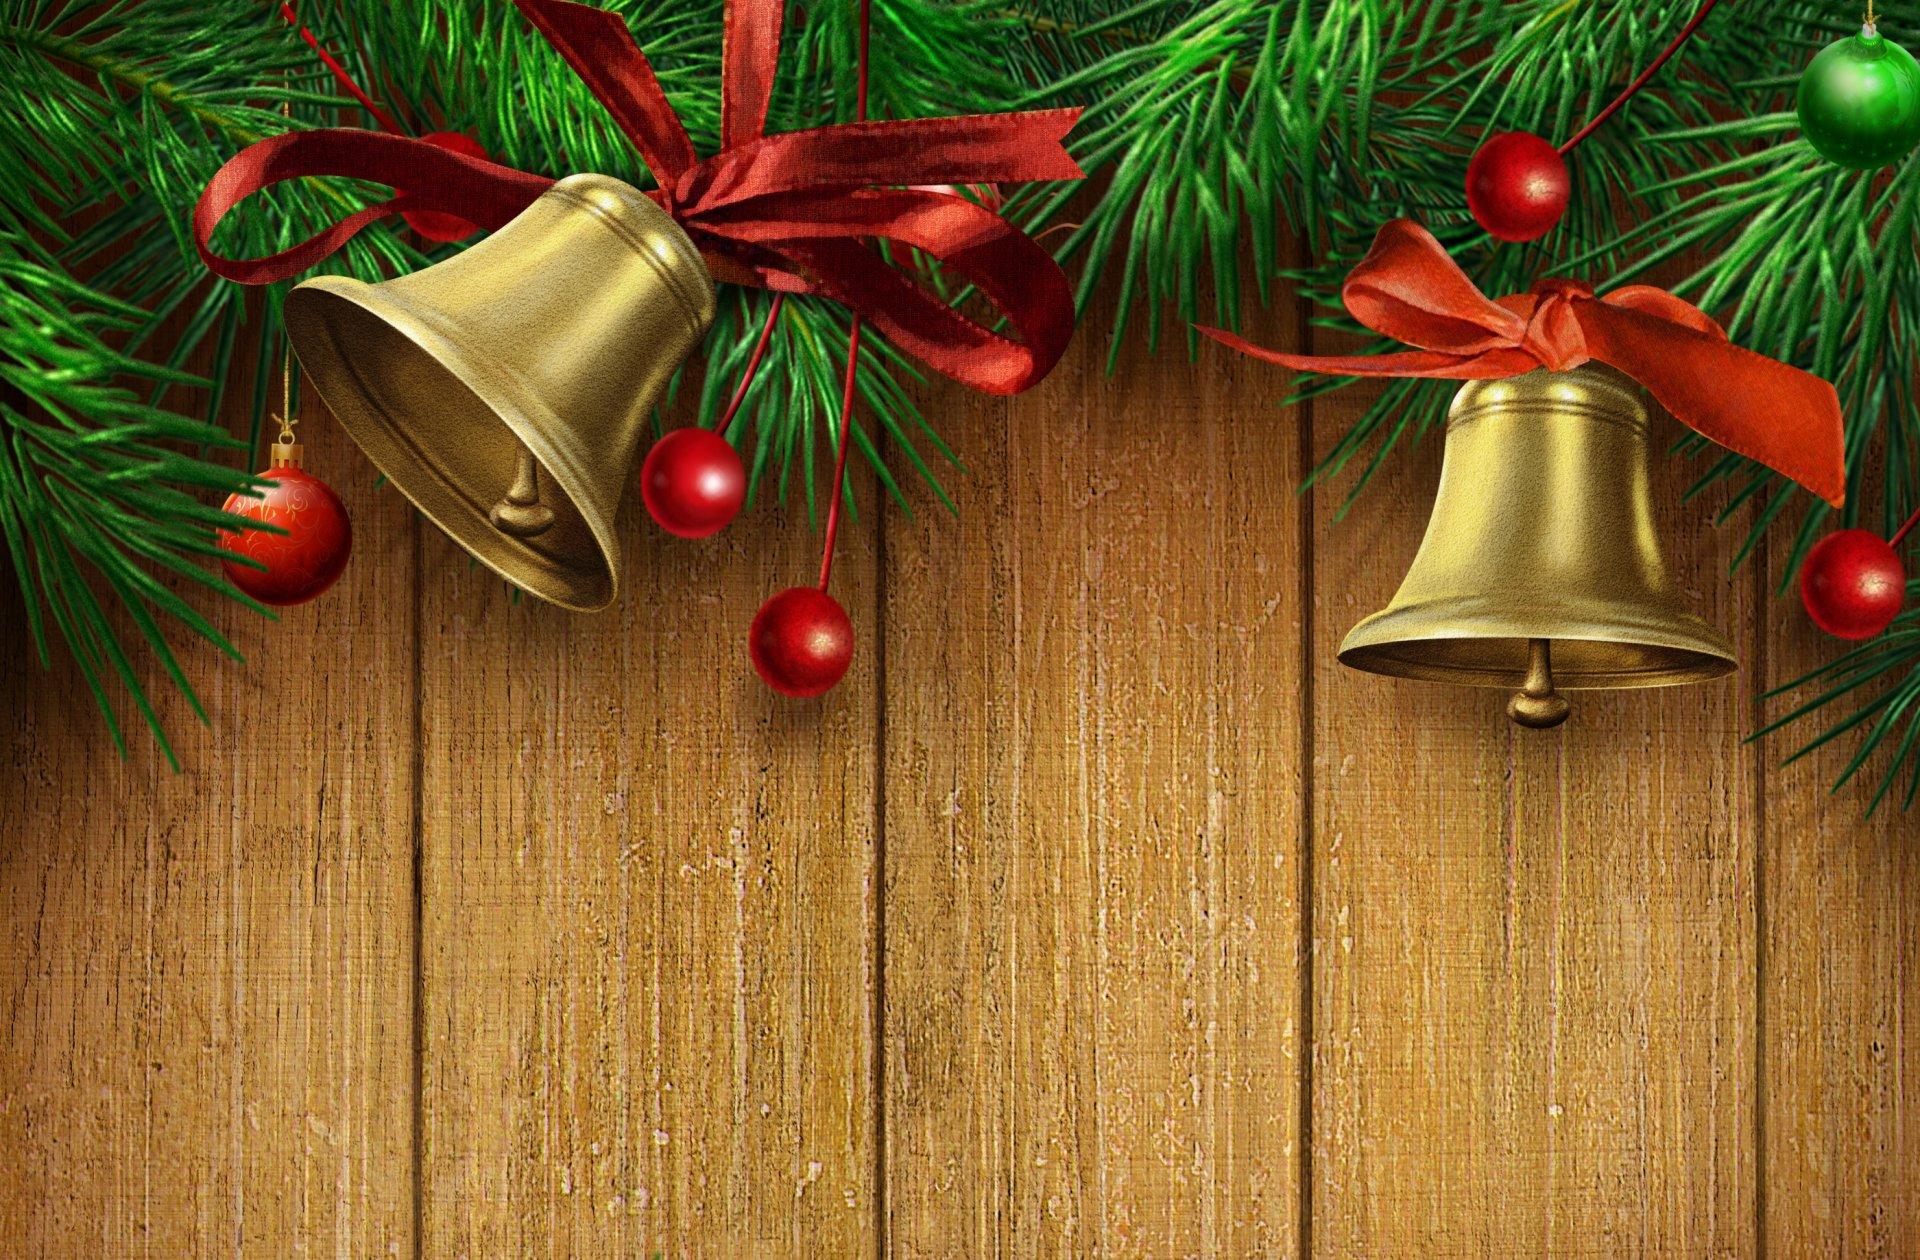 Колокольчики открытки на новый год, отправить